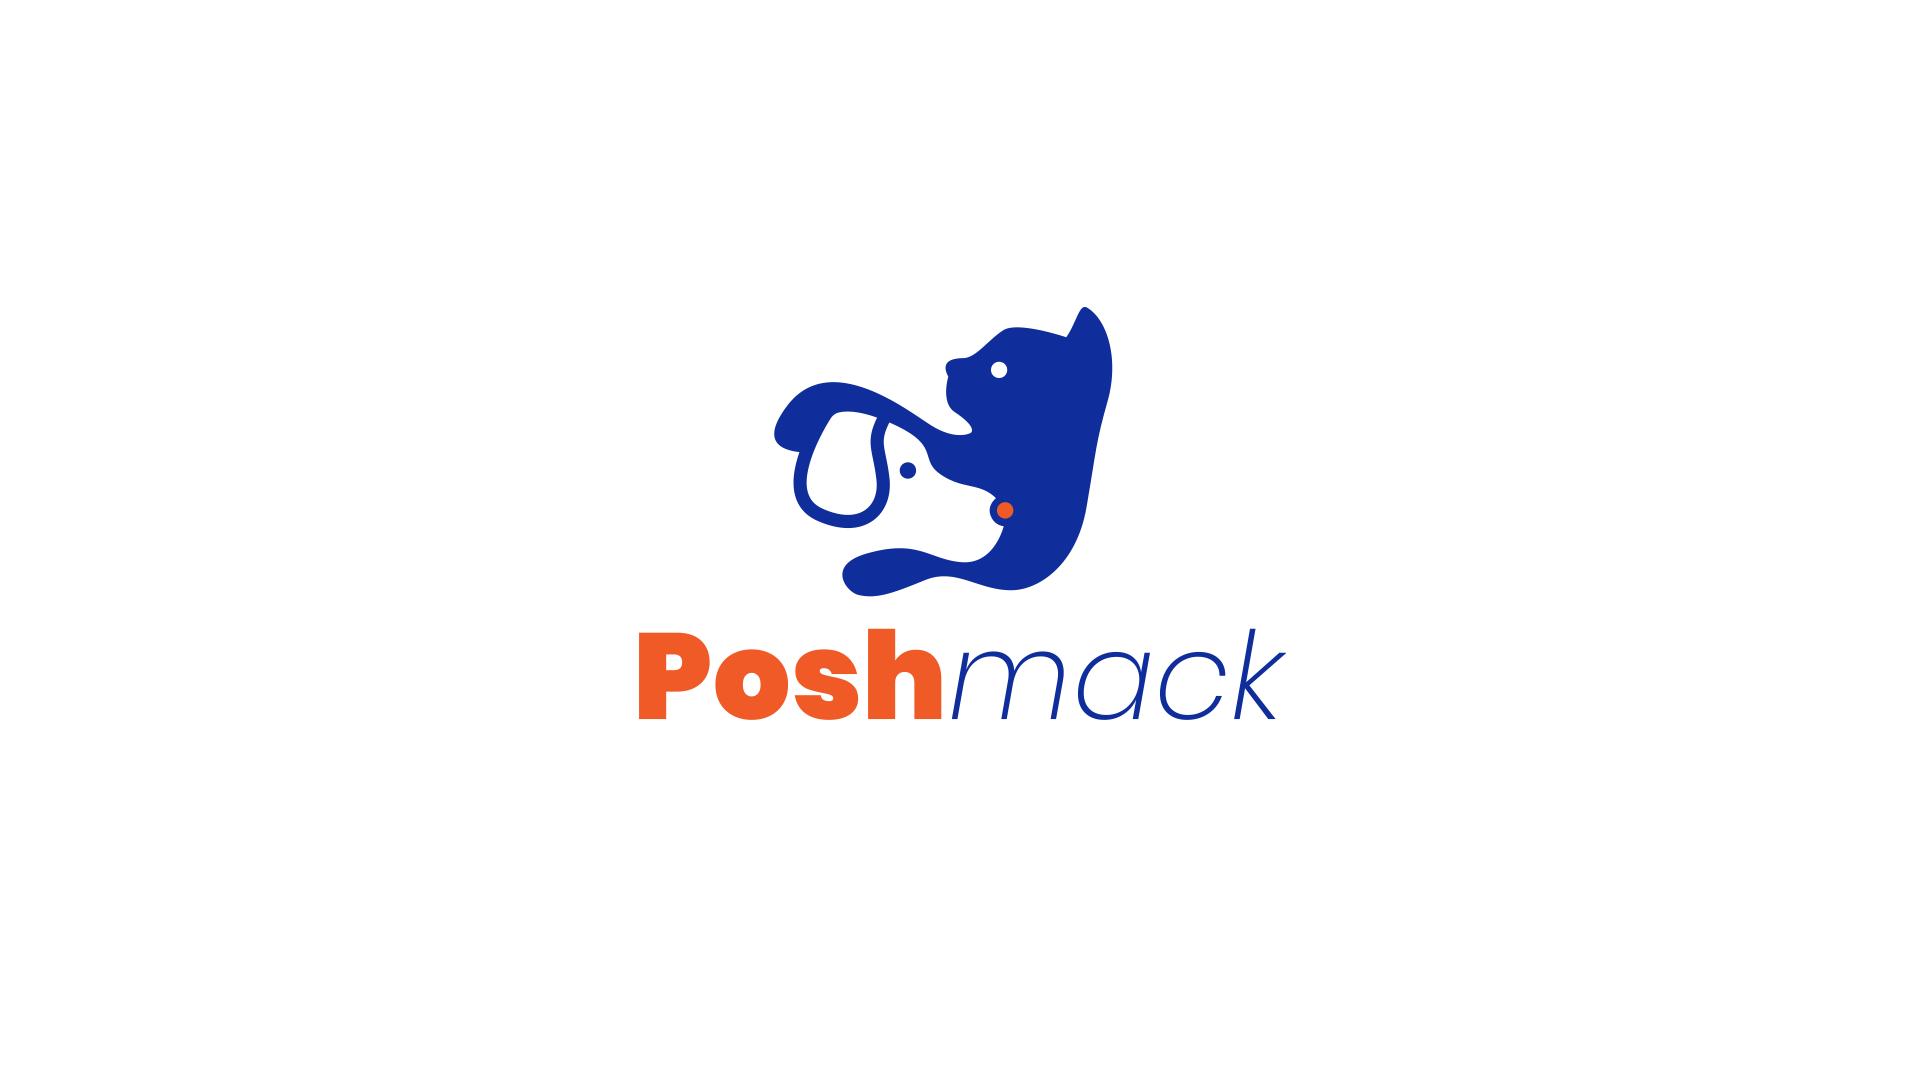 Poshmack